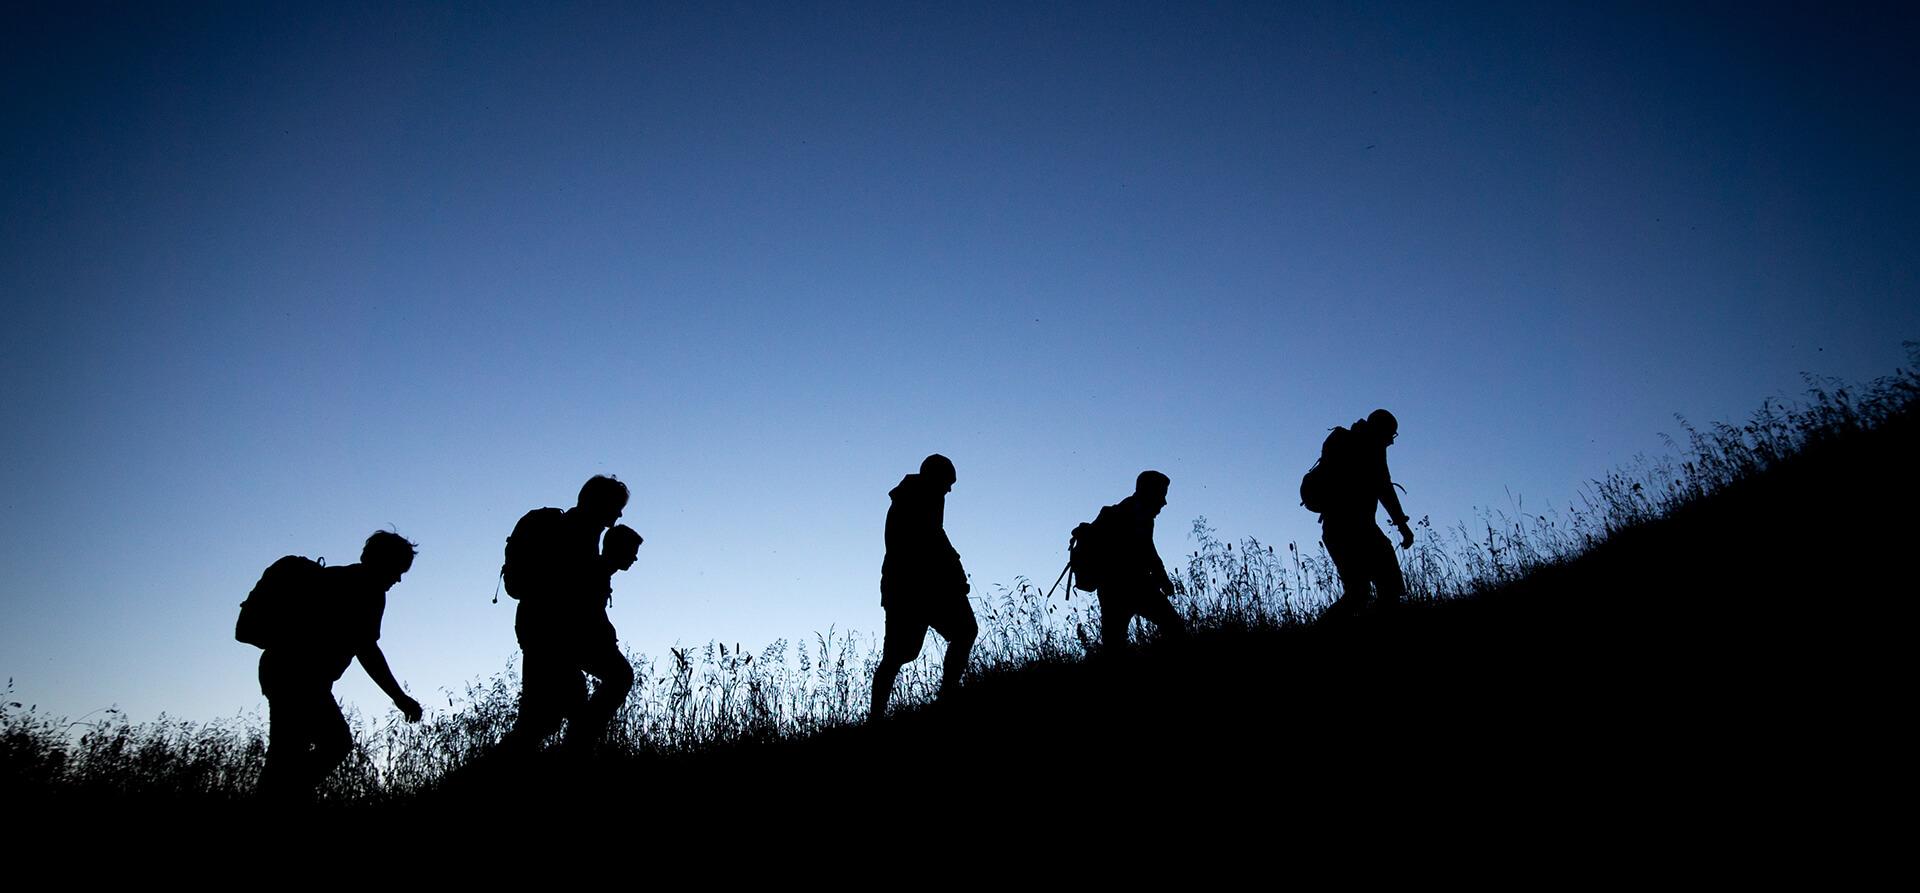 People Walking on Mountains